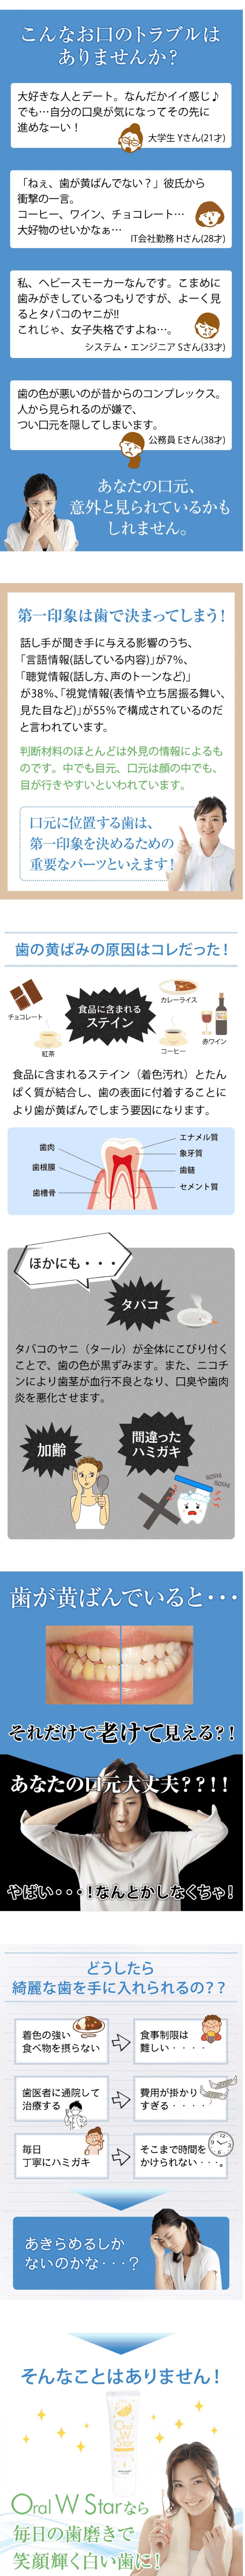 こんなお口のトラブルありませんか?第一印象は歯で決まってしまう。歯の黄ばみの原因はこれだ